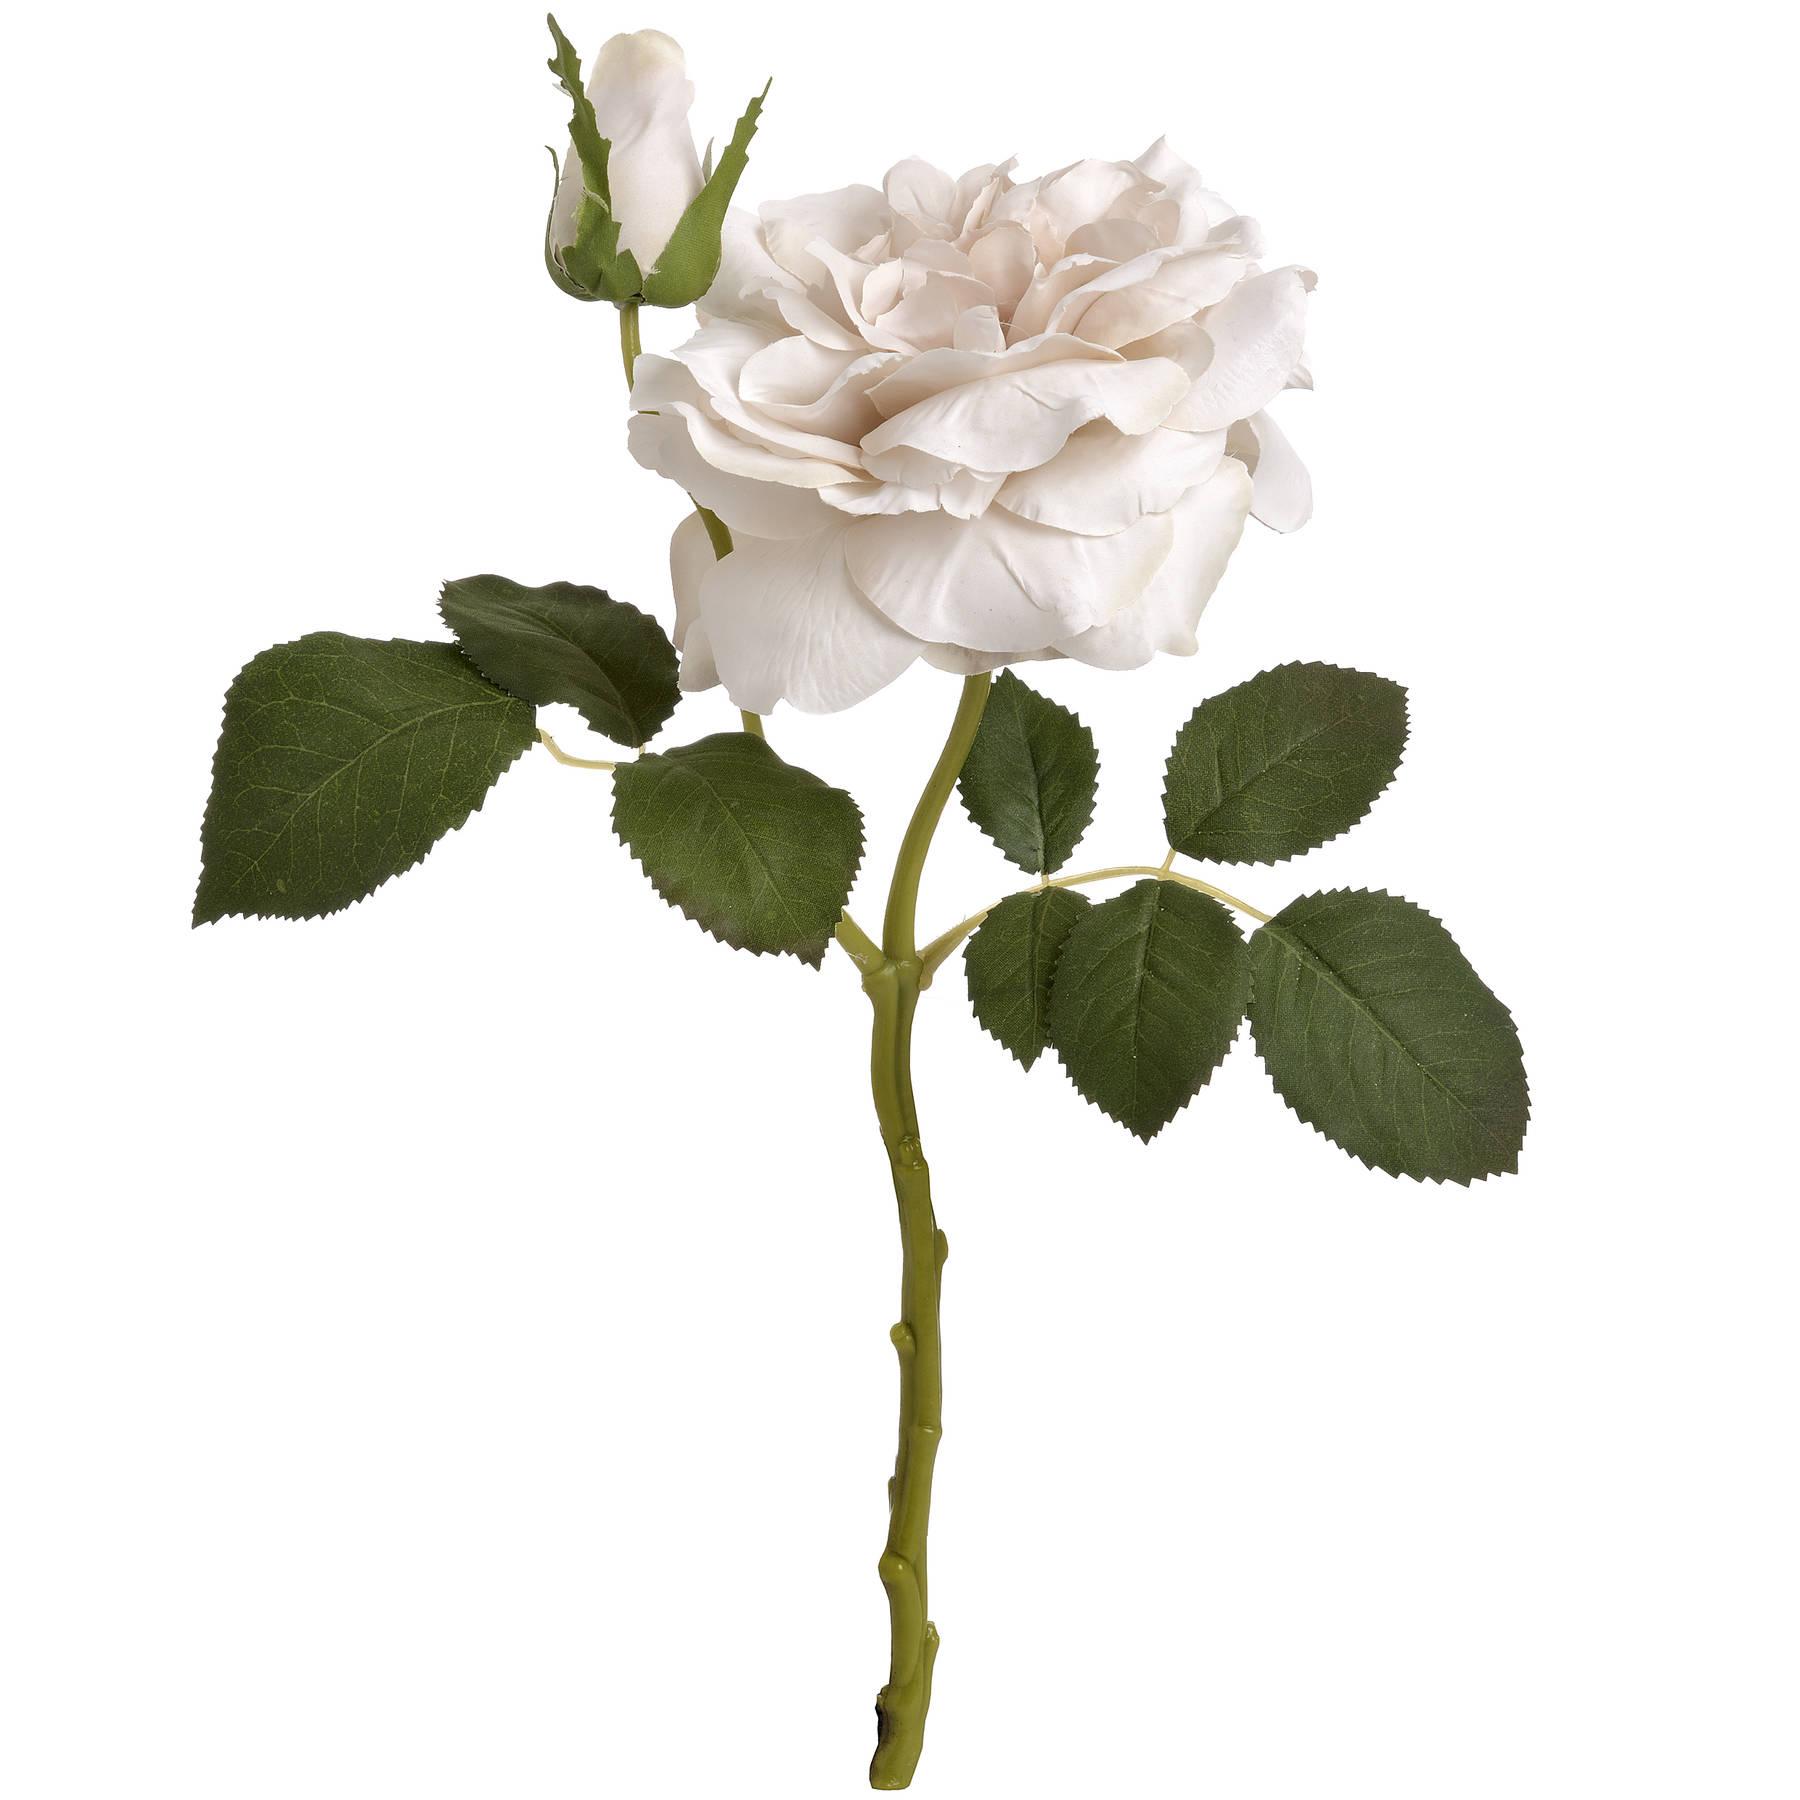 White Short Stem Rose - Image 6